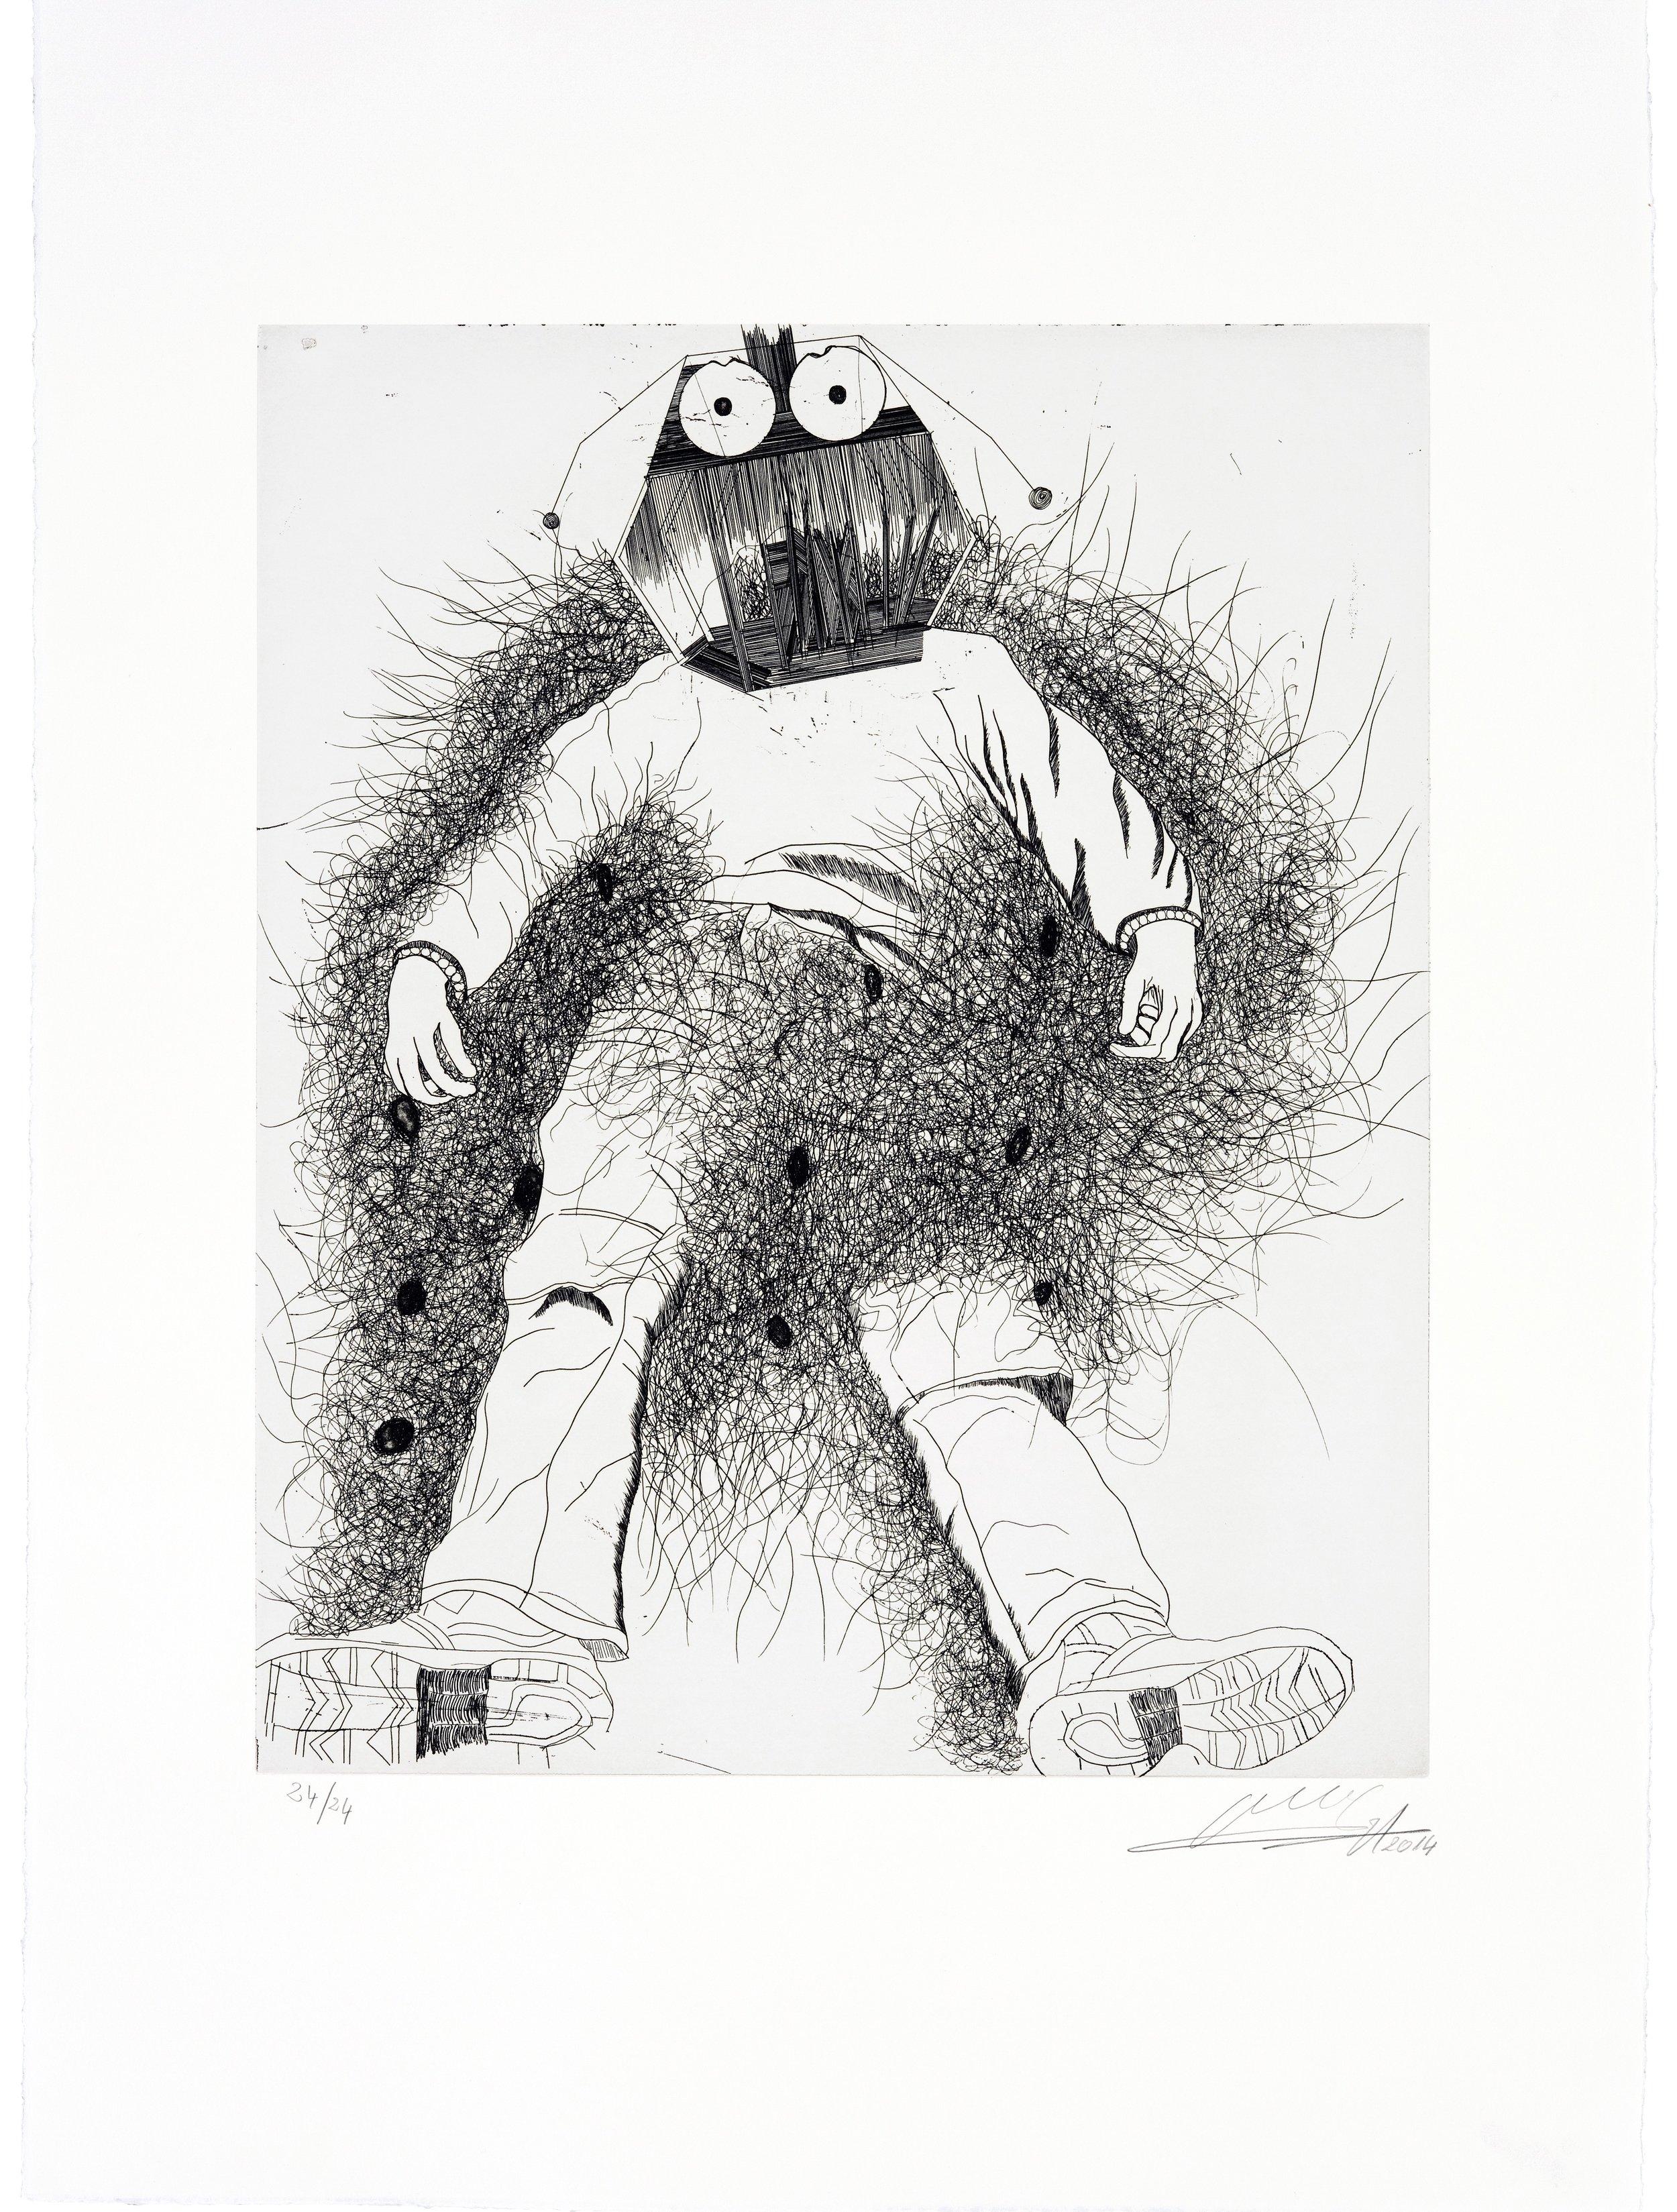 """Omar Ba, """"Sans titre"""", gravure à l'eau-forte, 75 x 54,8 cm, 2014, édition sur demande"""